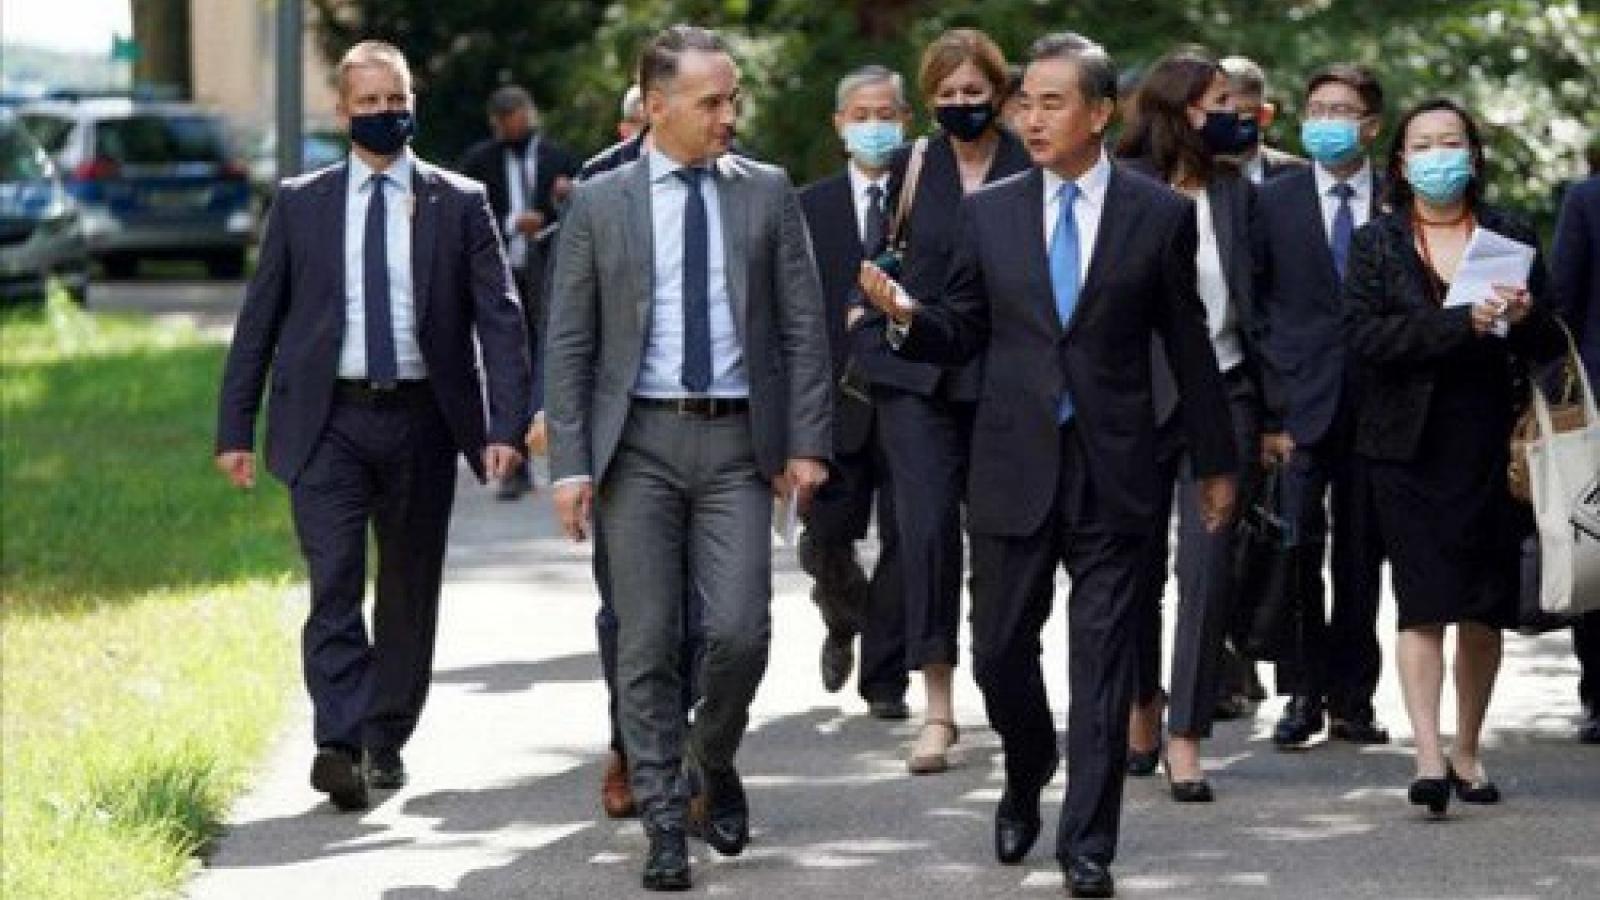 Trung Quốc kỳ vọng hợp tác với Đức trên 3 lĩnh vực